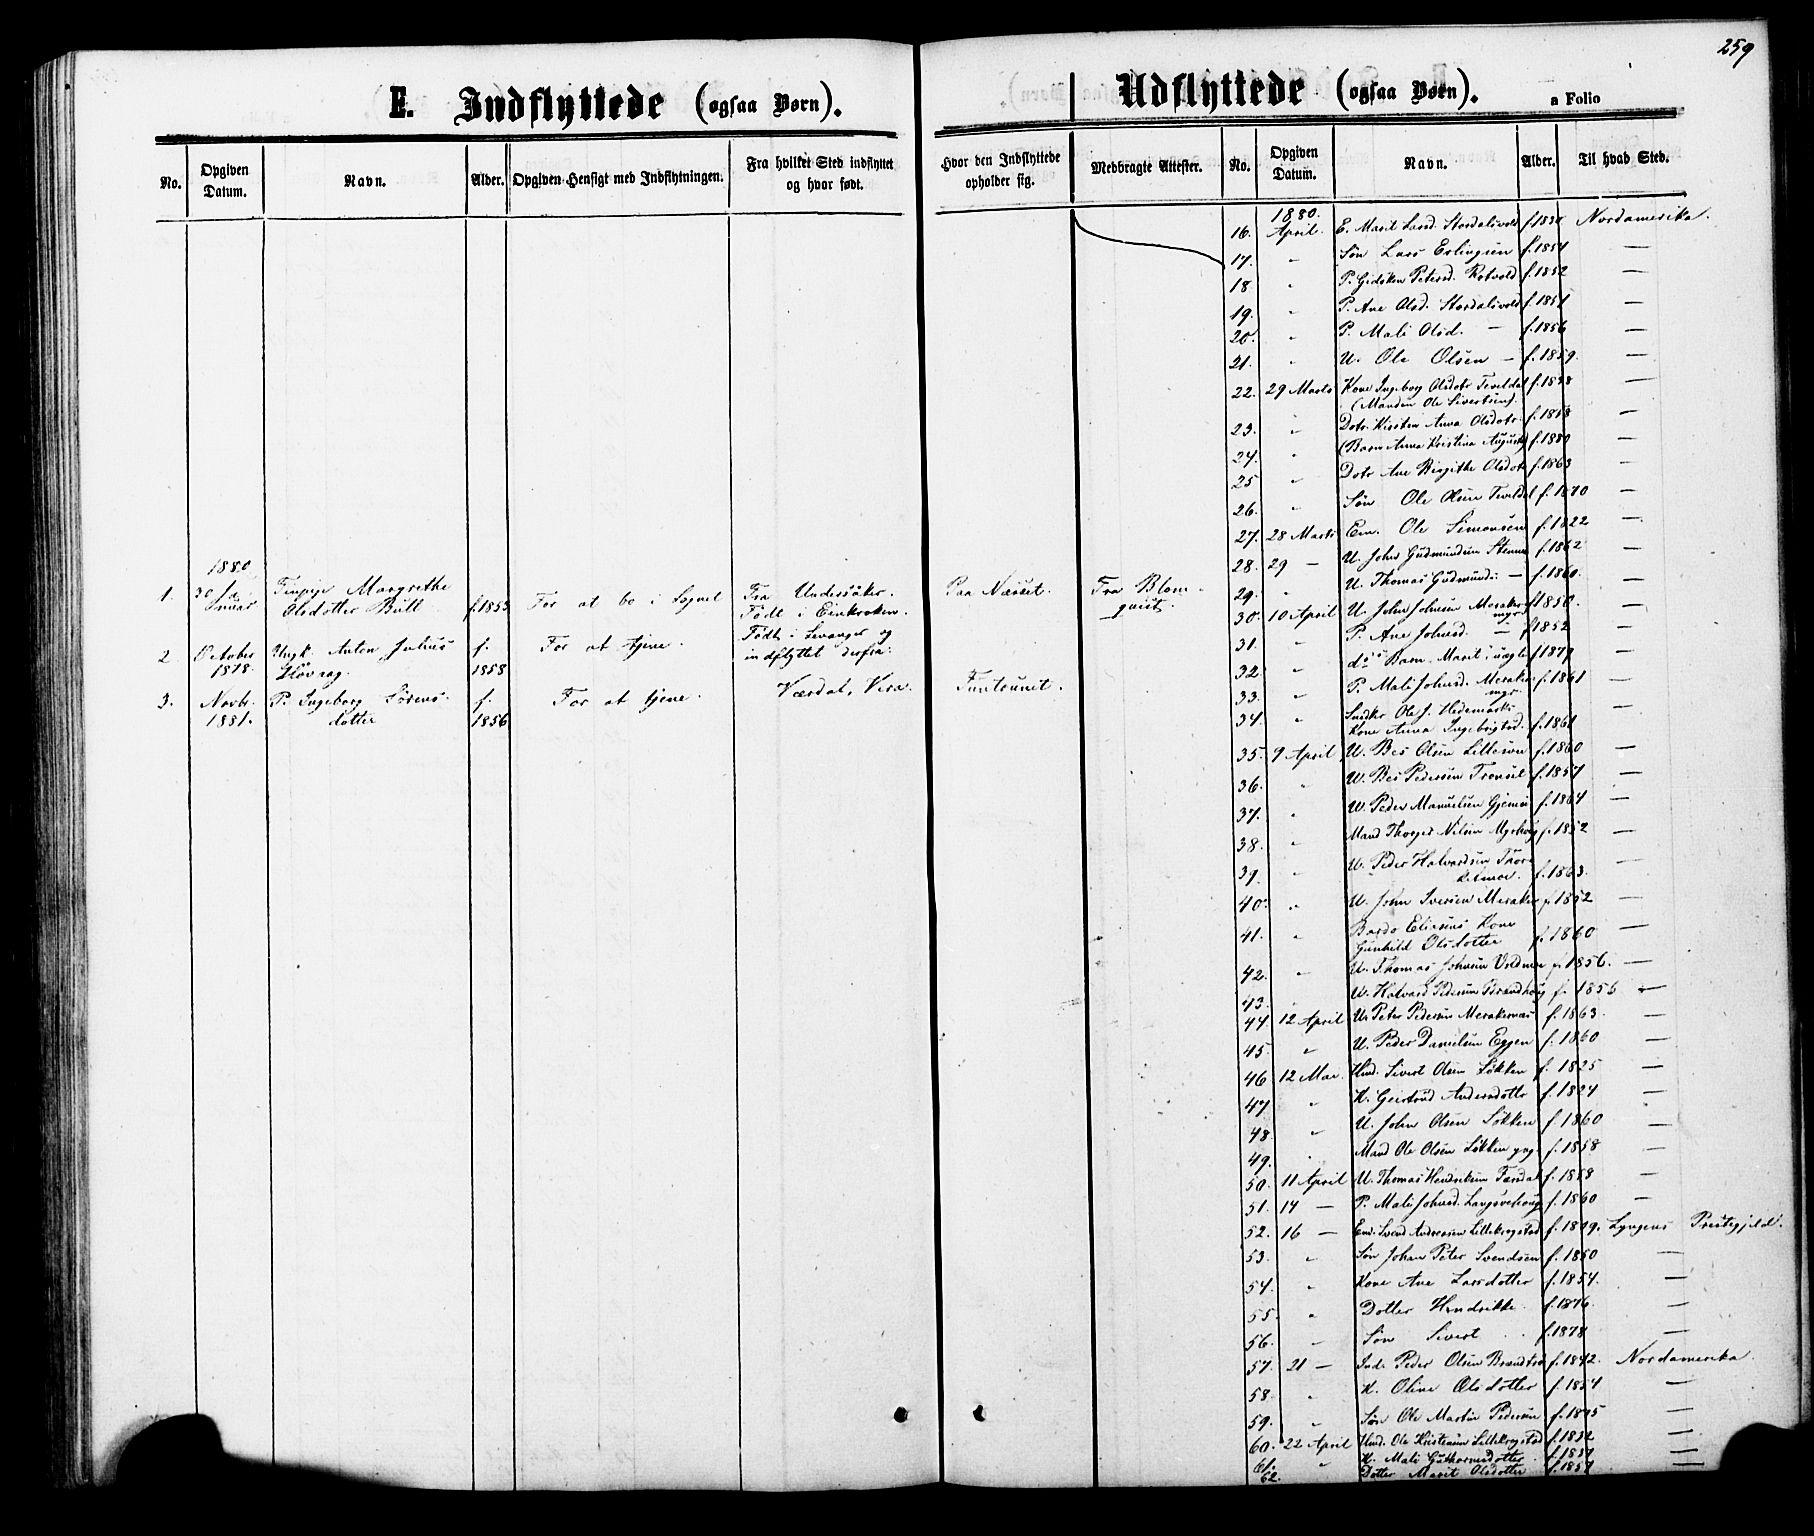 SAT, Ministerialprotokoller, klokkerbøker og fødselsregistre - Nord-Trøndelag, 706/L0049: Parish register (copy) no. 706C01, 1864-1895, p. 259